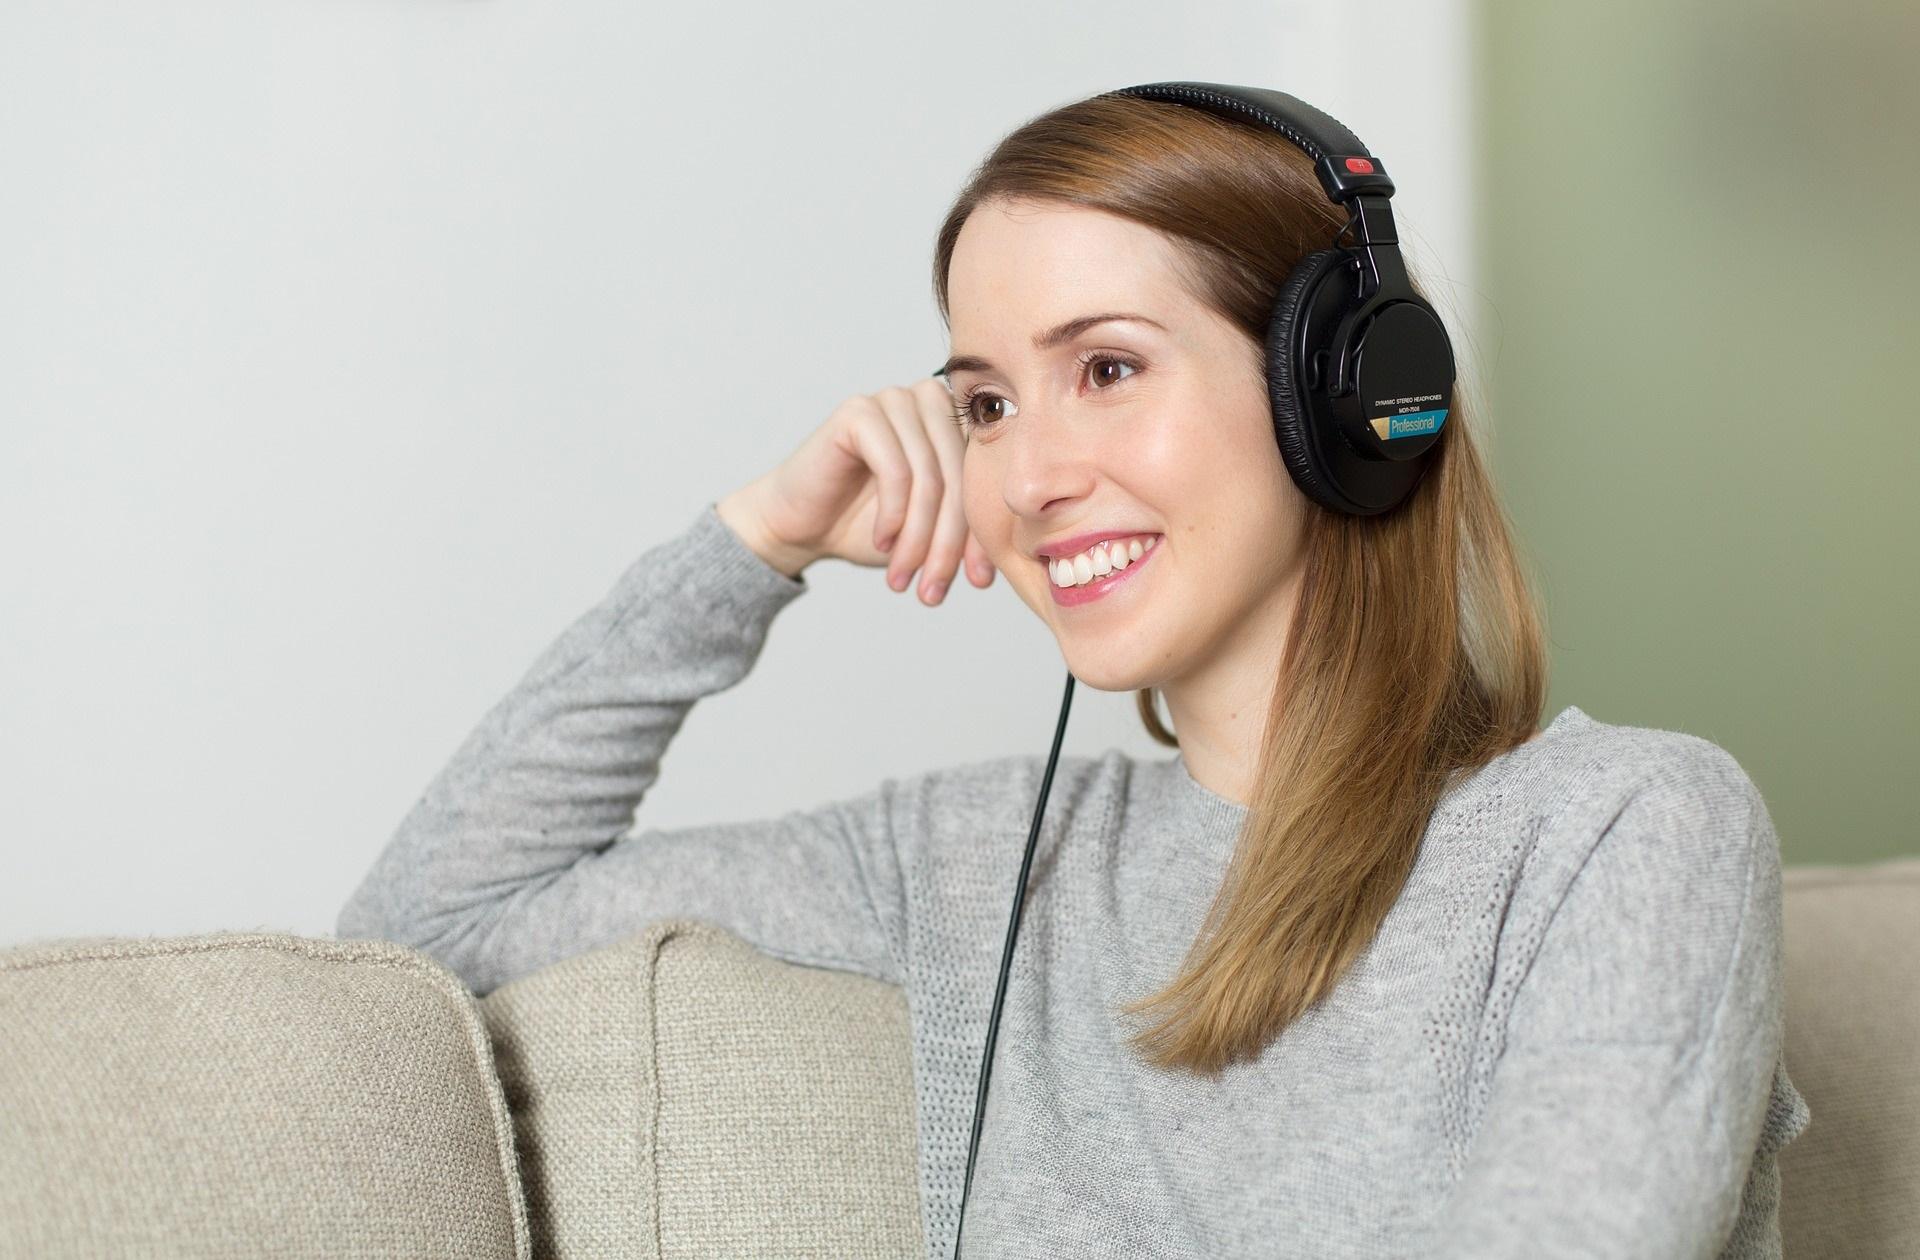 Musica subliminale per dimagrire: funziona davvero?